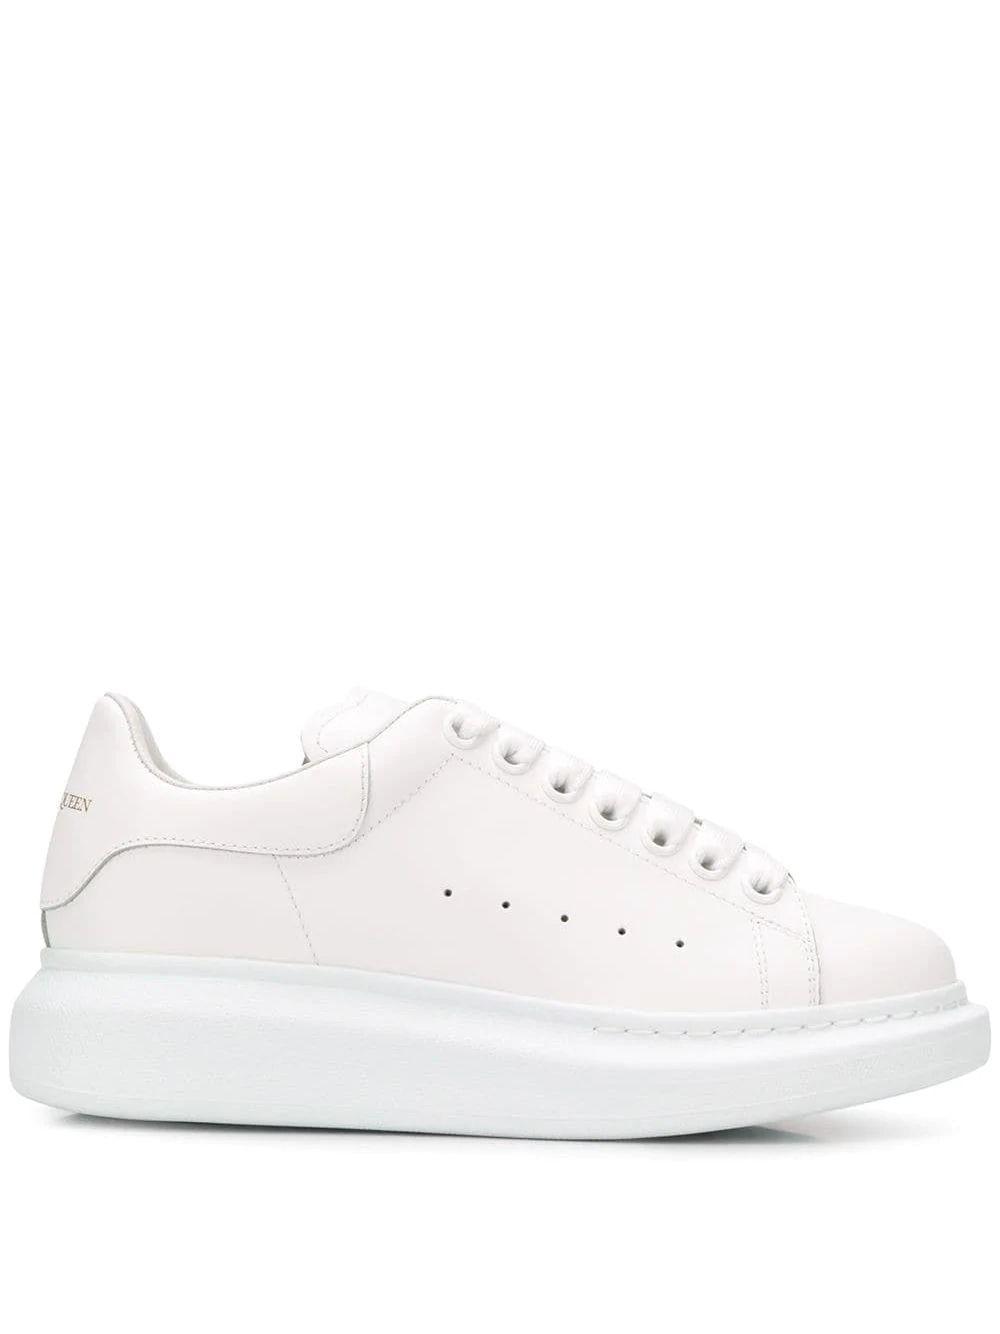 Oversized Sole Sneaker